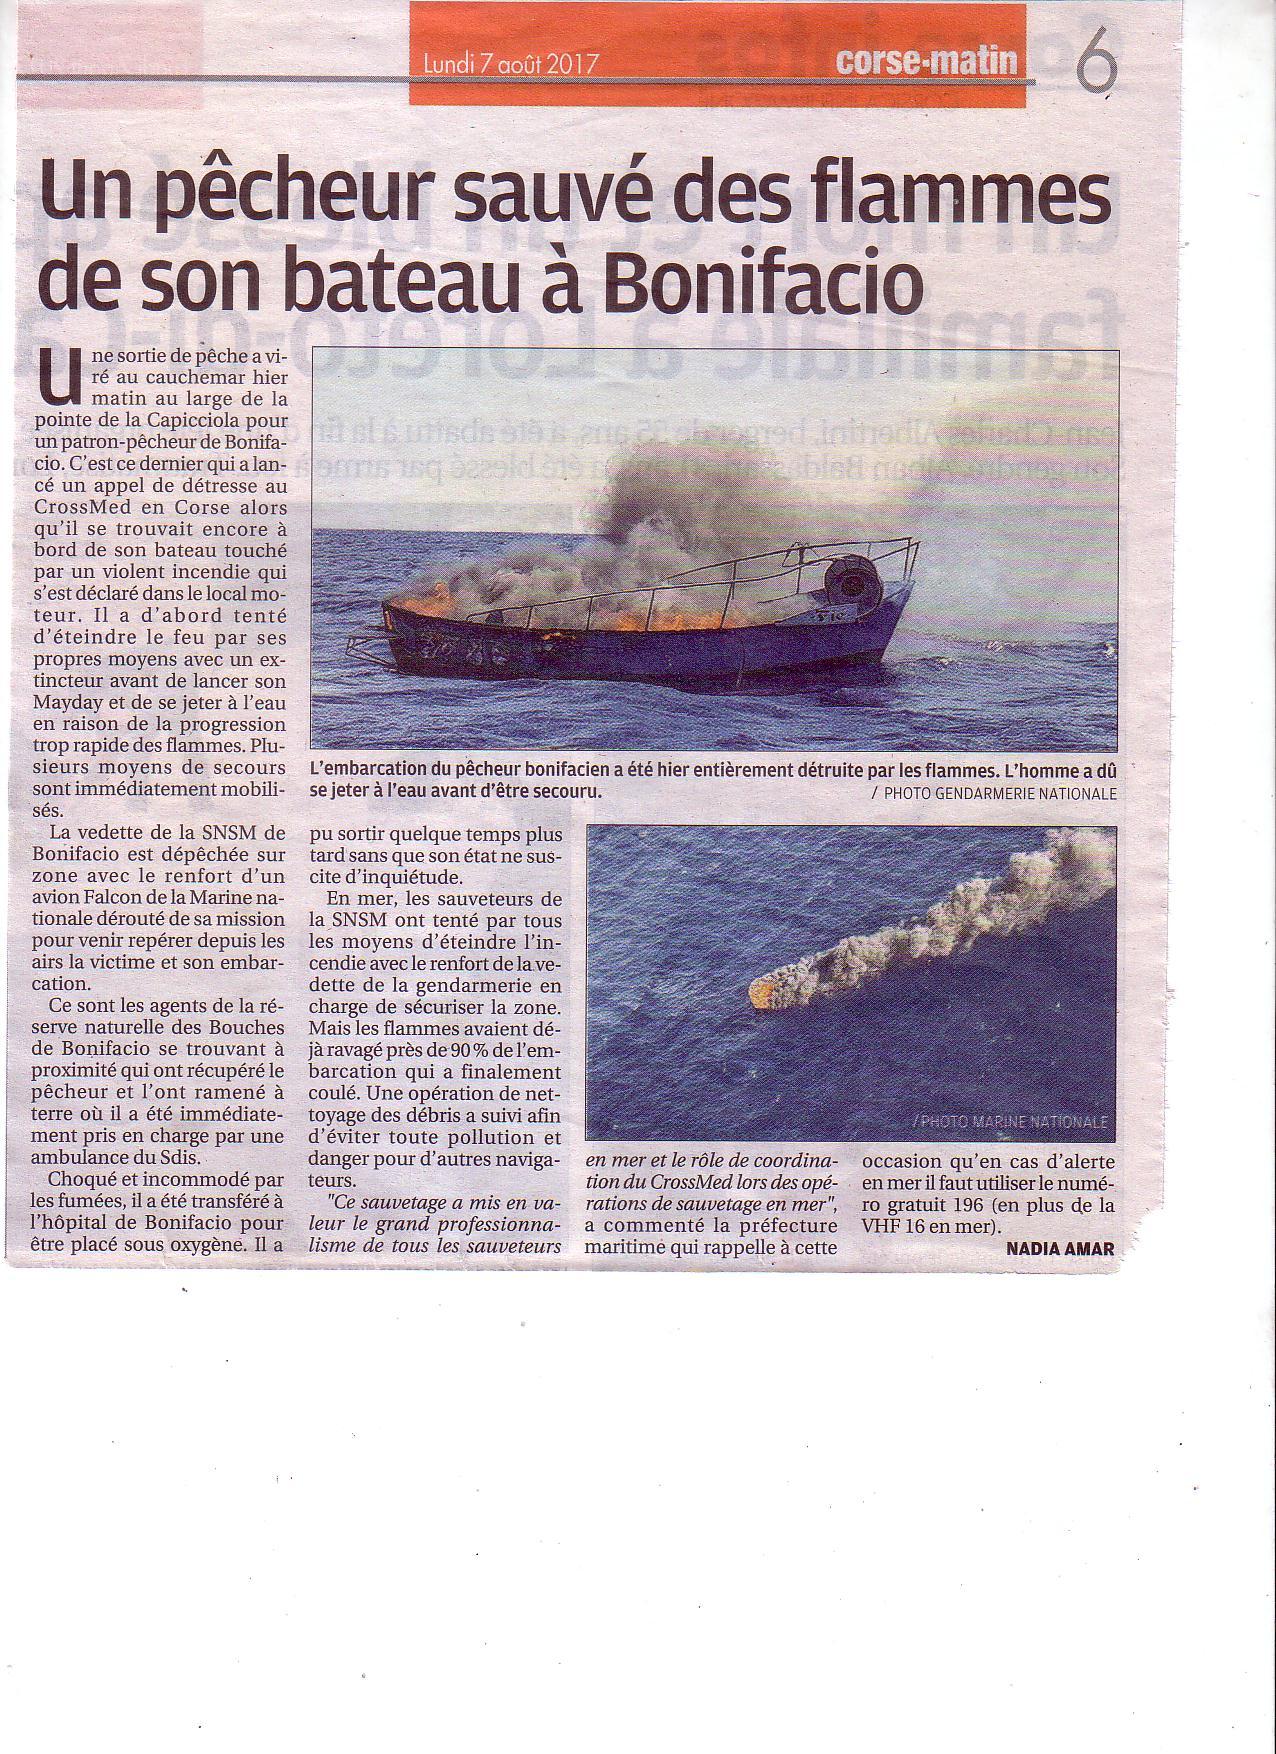 Philippe Botti, 1er prud'homme de Bonifacio directement concerné par la famille du pêcheur s'est rendu très vite sur zone.